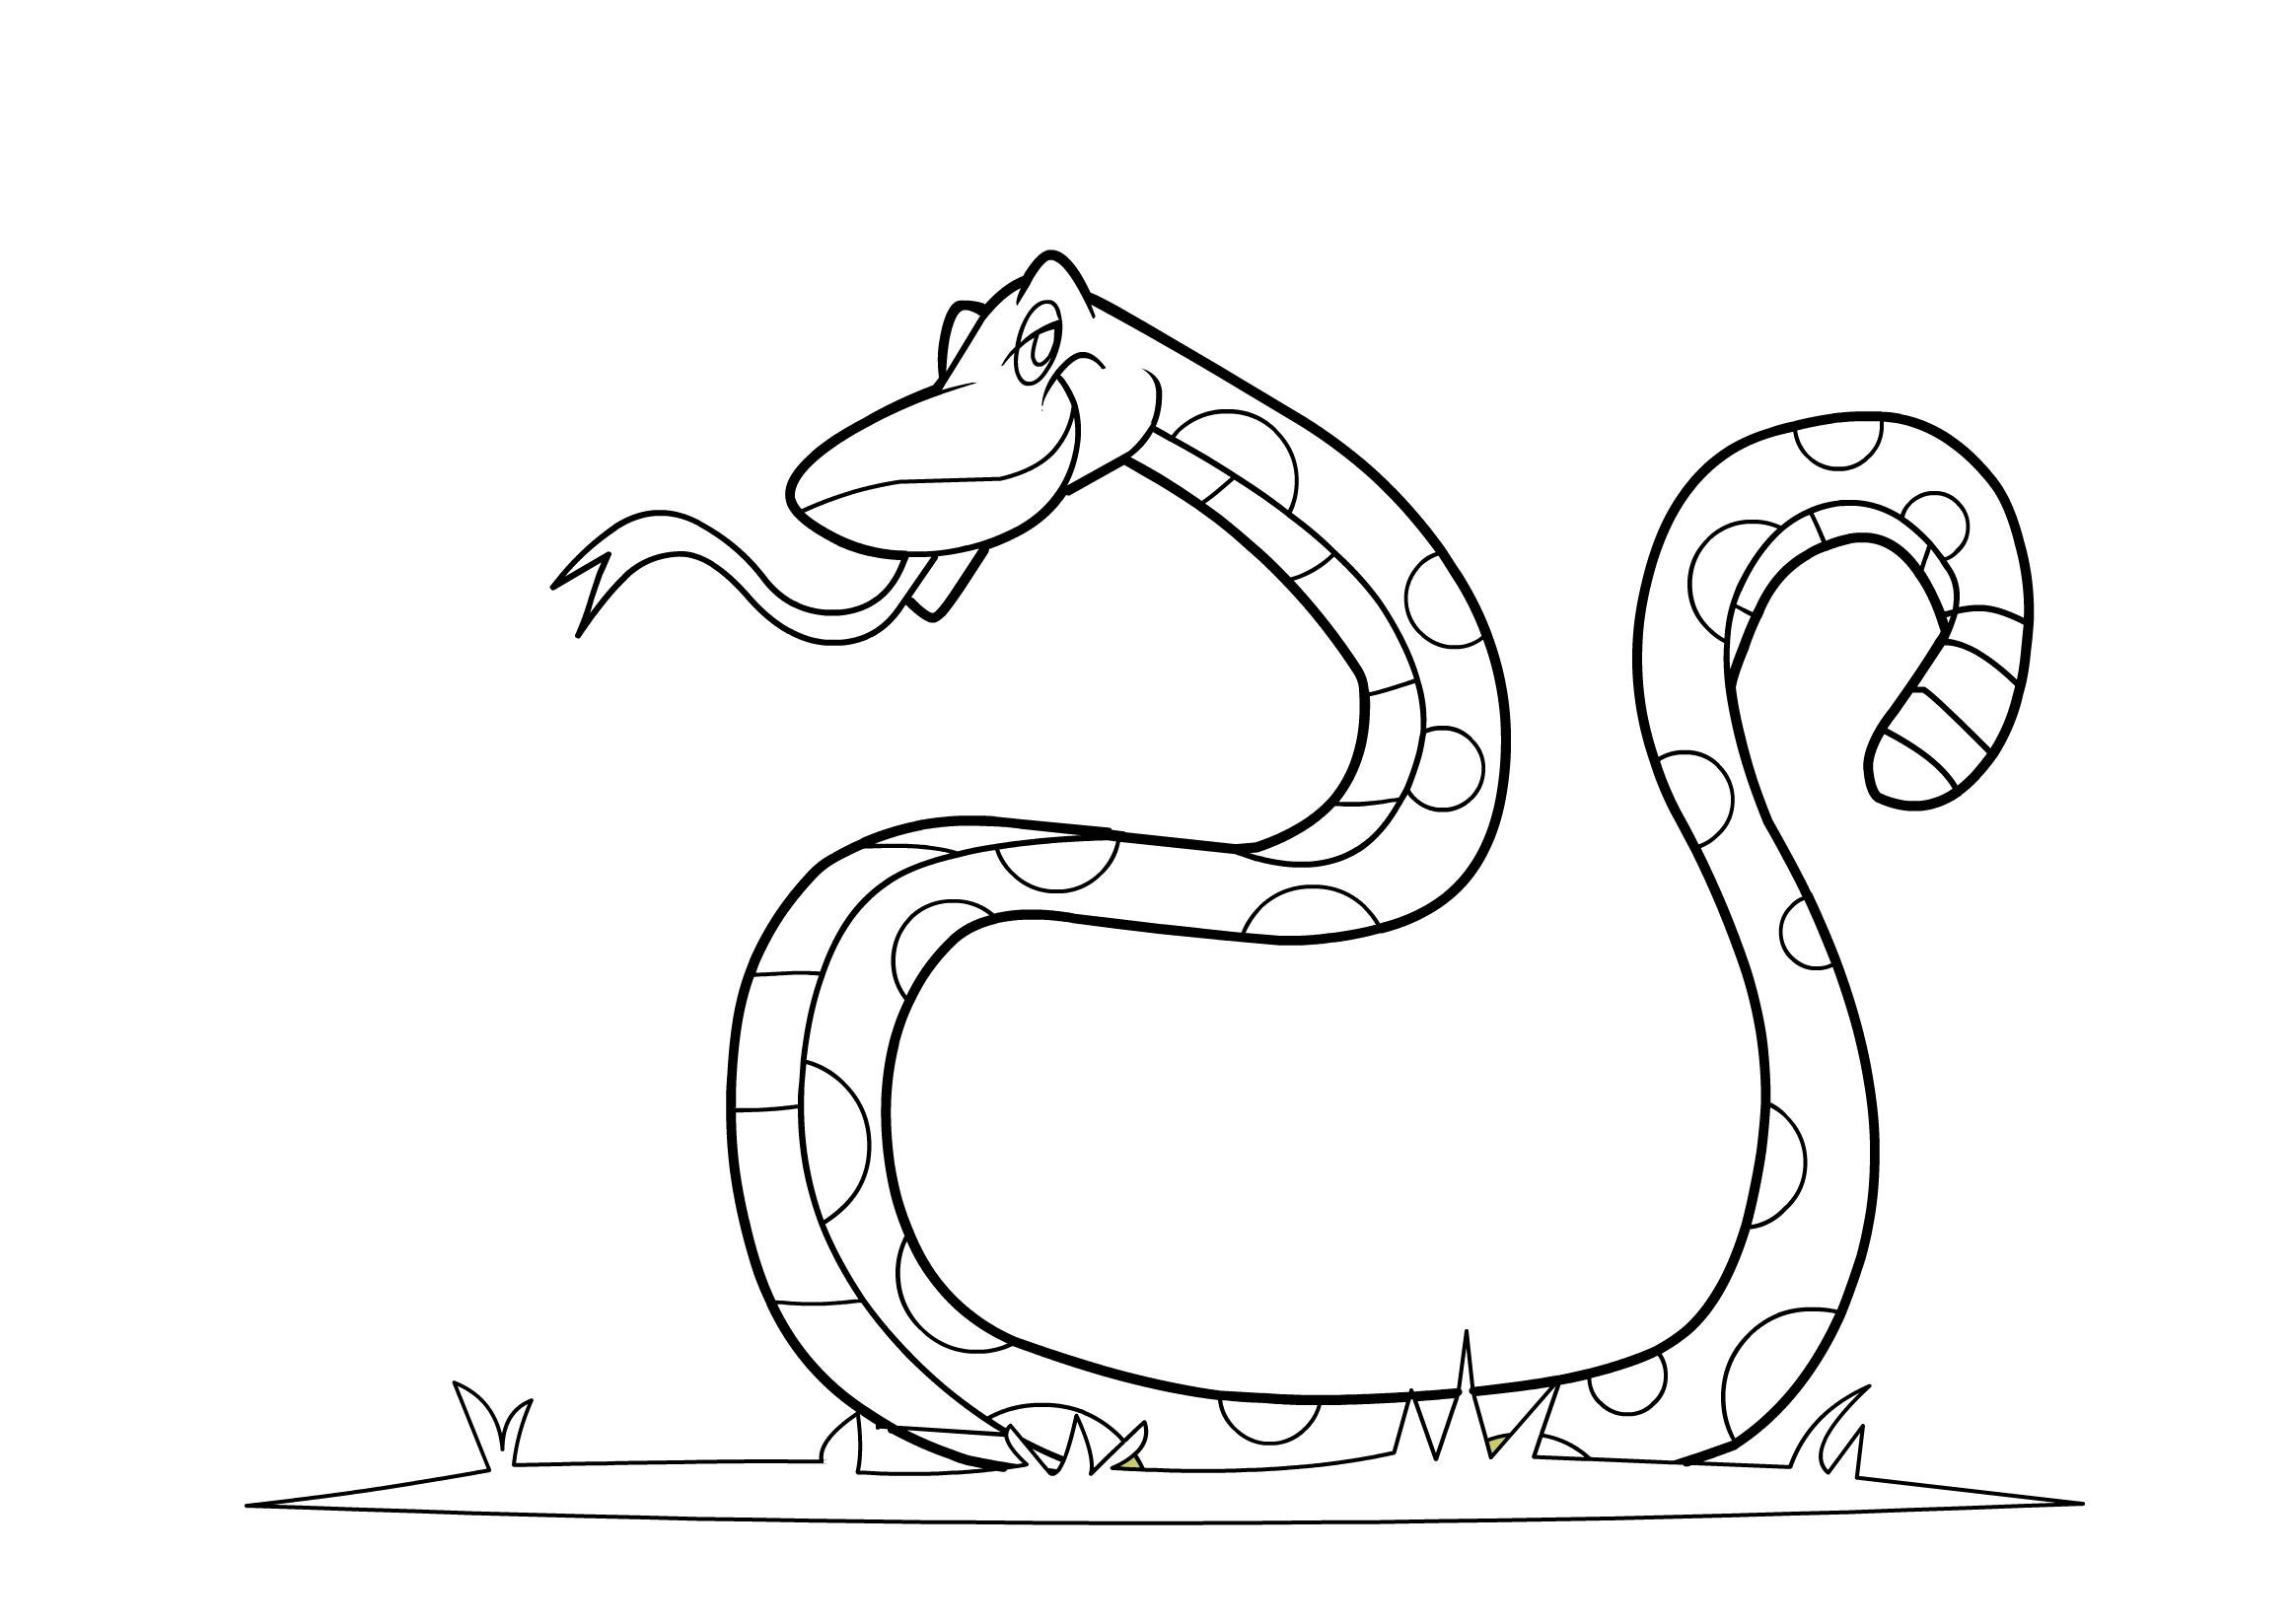 printable snake free printable snake coloring pages for kids snake printable 1 4